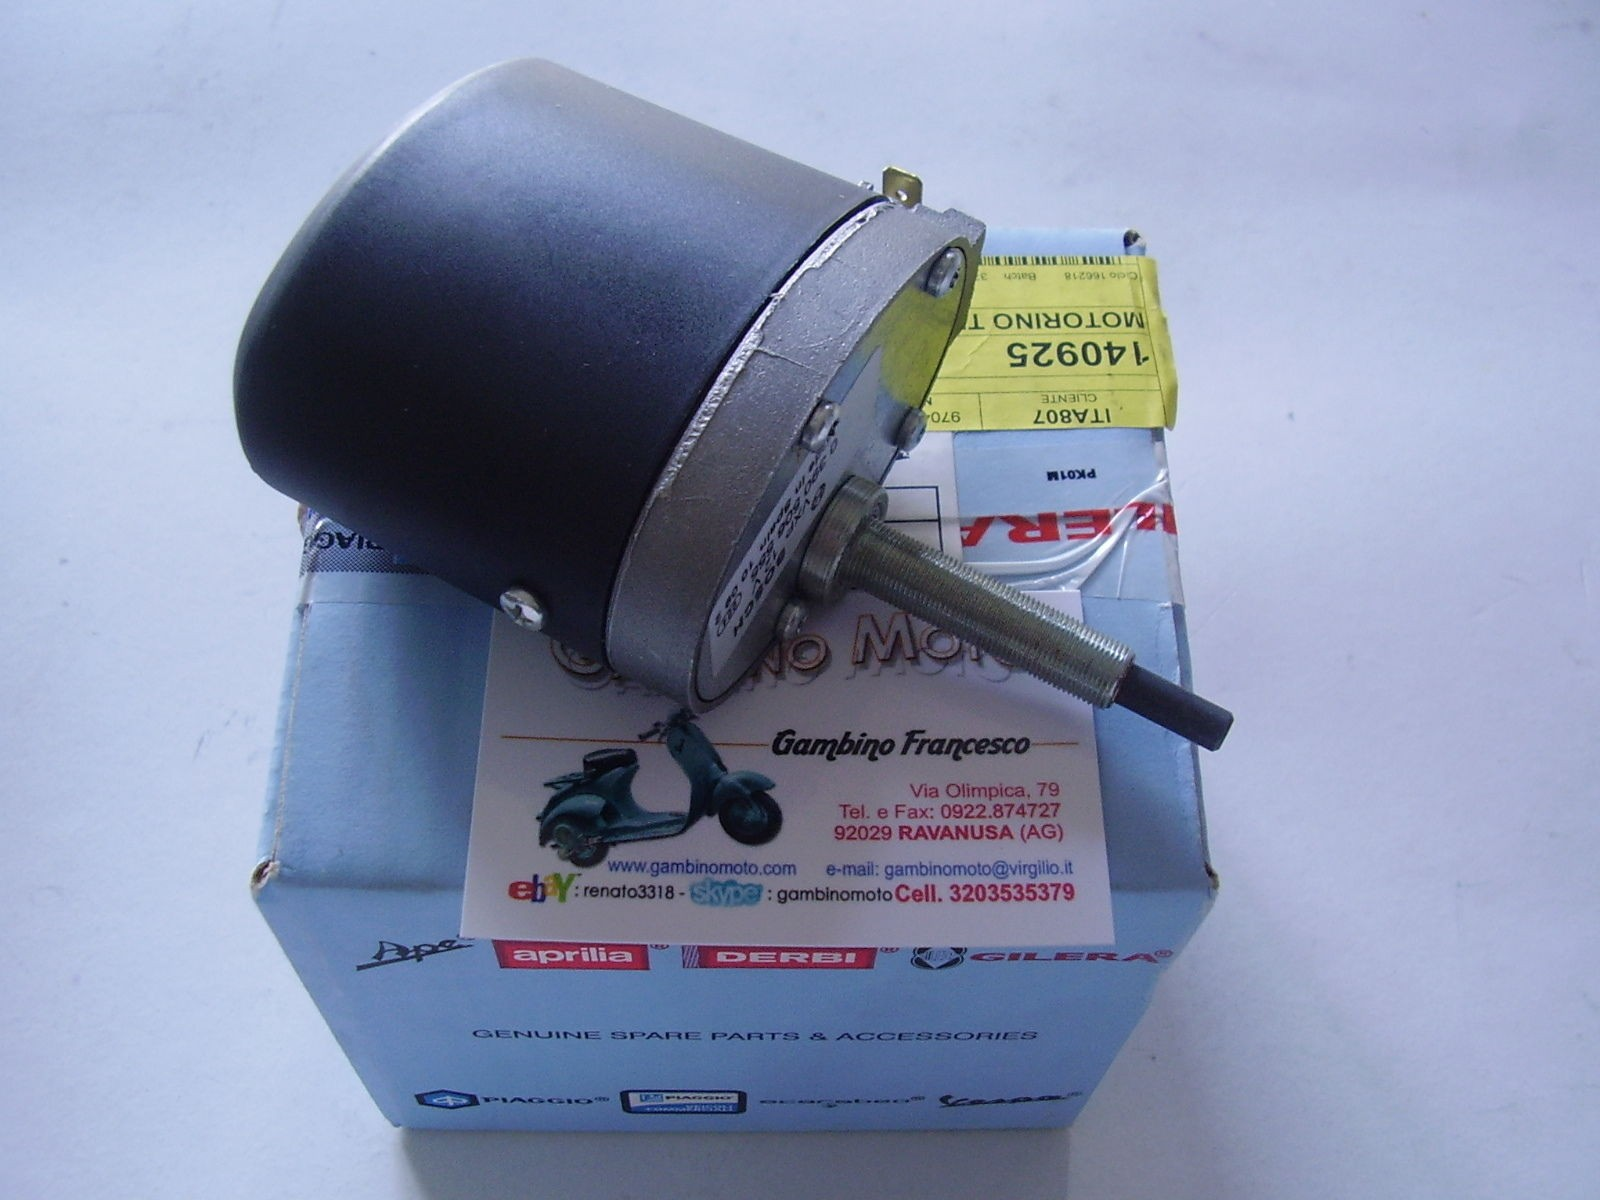 MOTORINO TERGICRISTALLO PIAGGIO APE MP 501 601